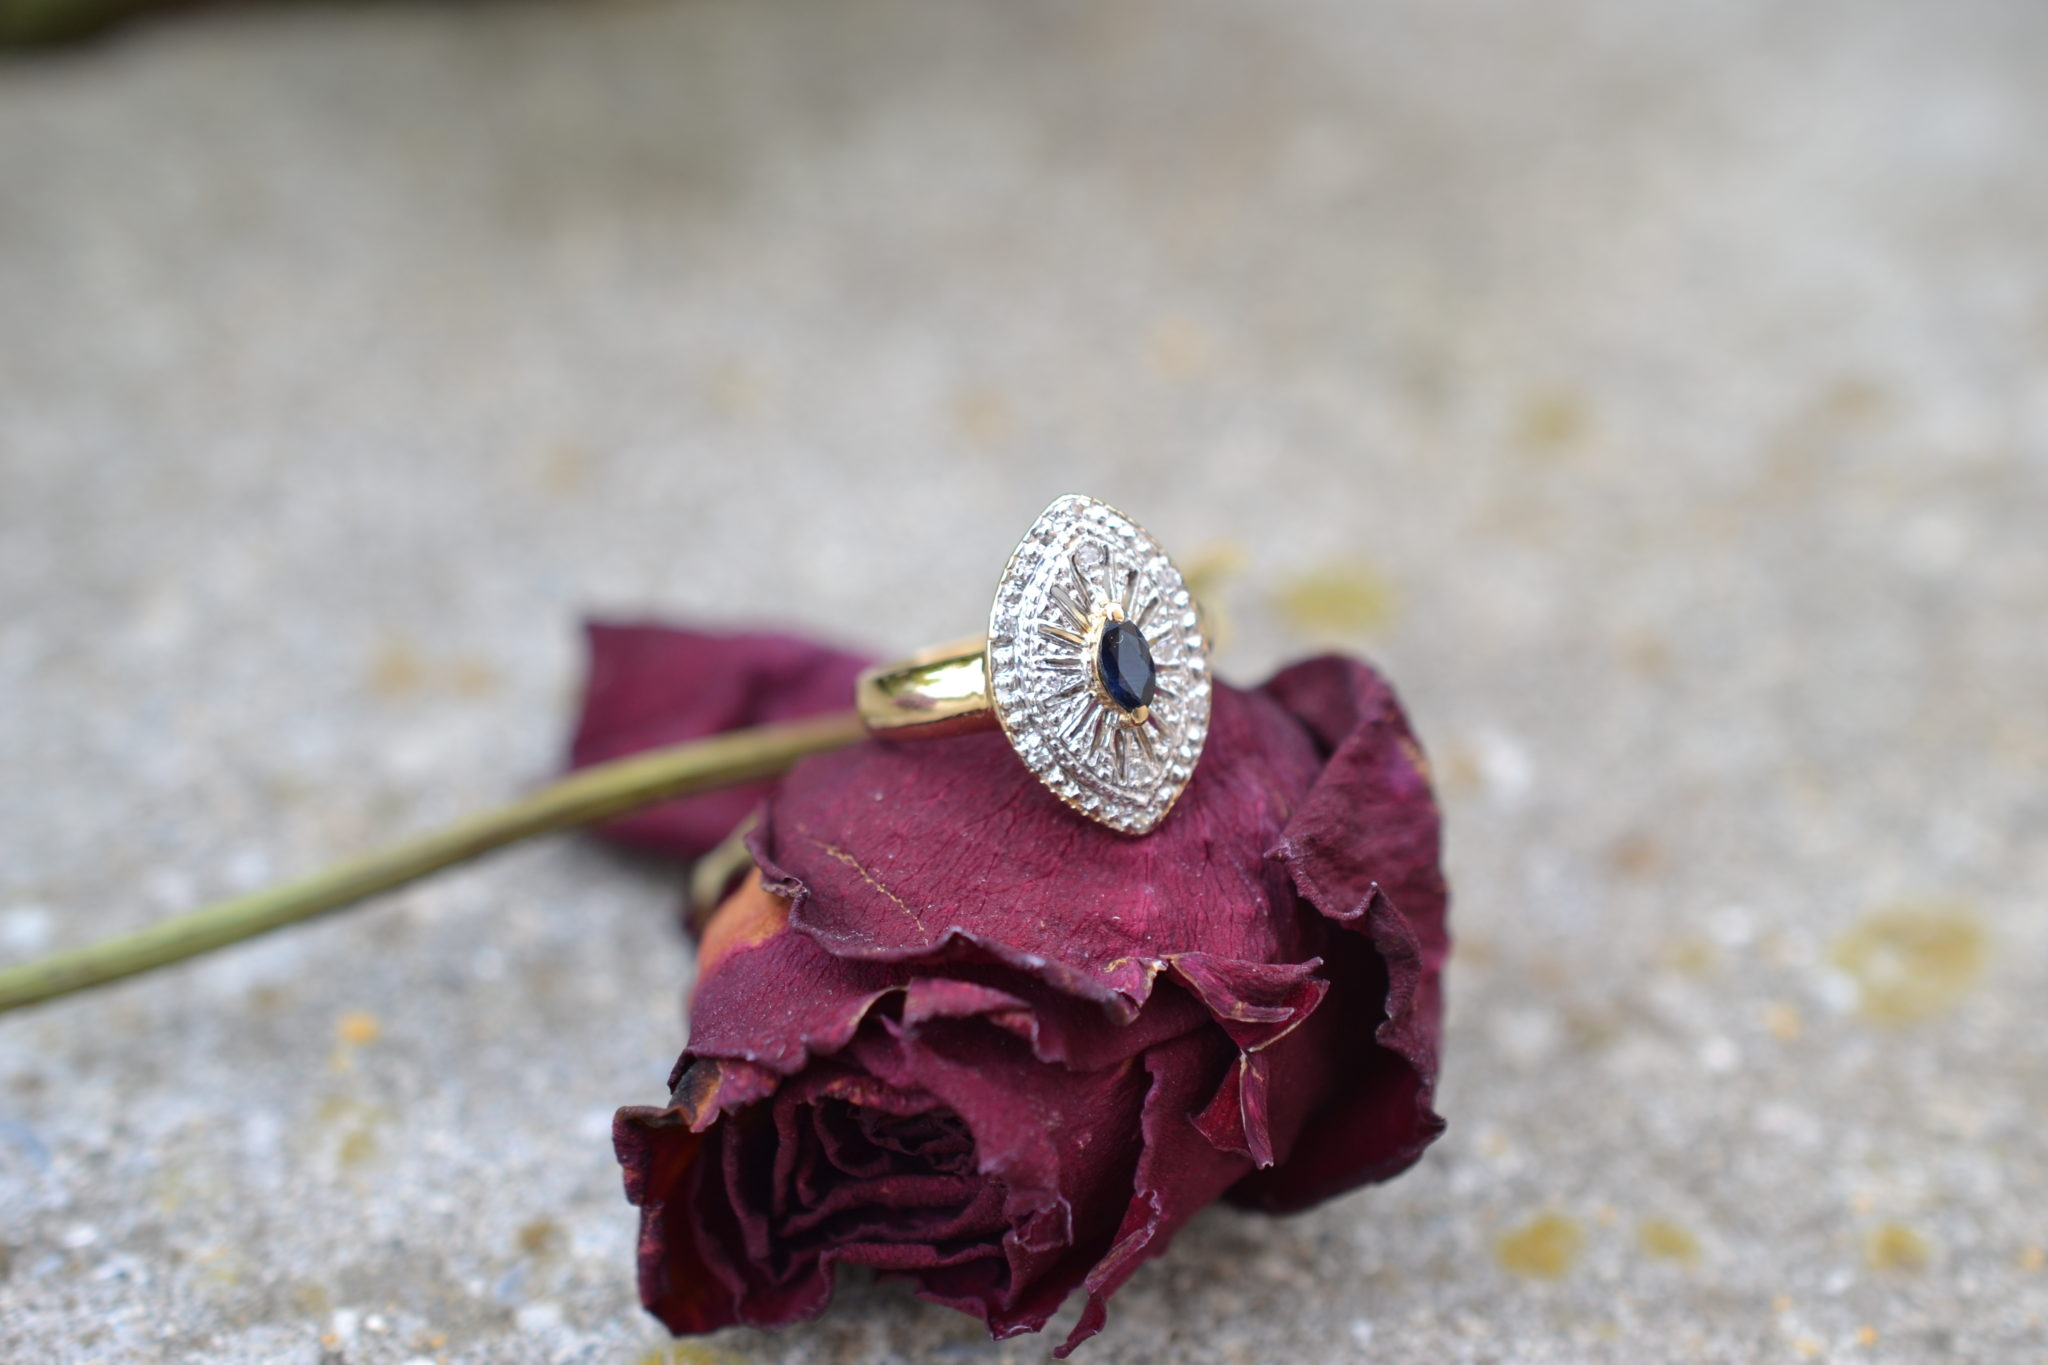 Bague en forme de navette ornée d'un Saphir central et de diamants bague vintage